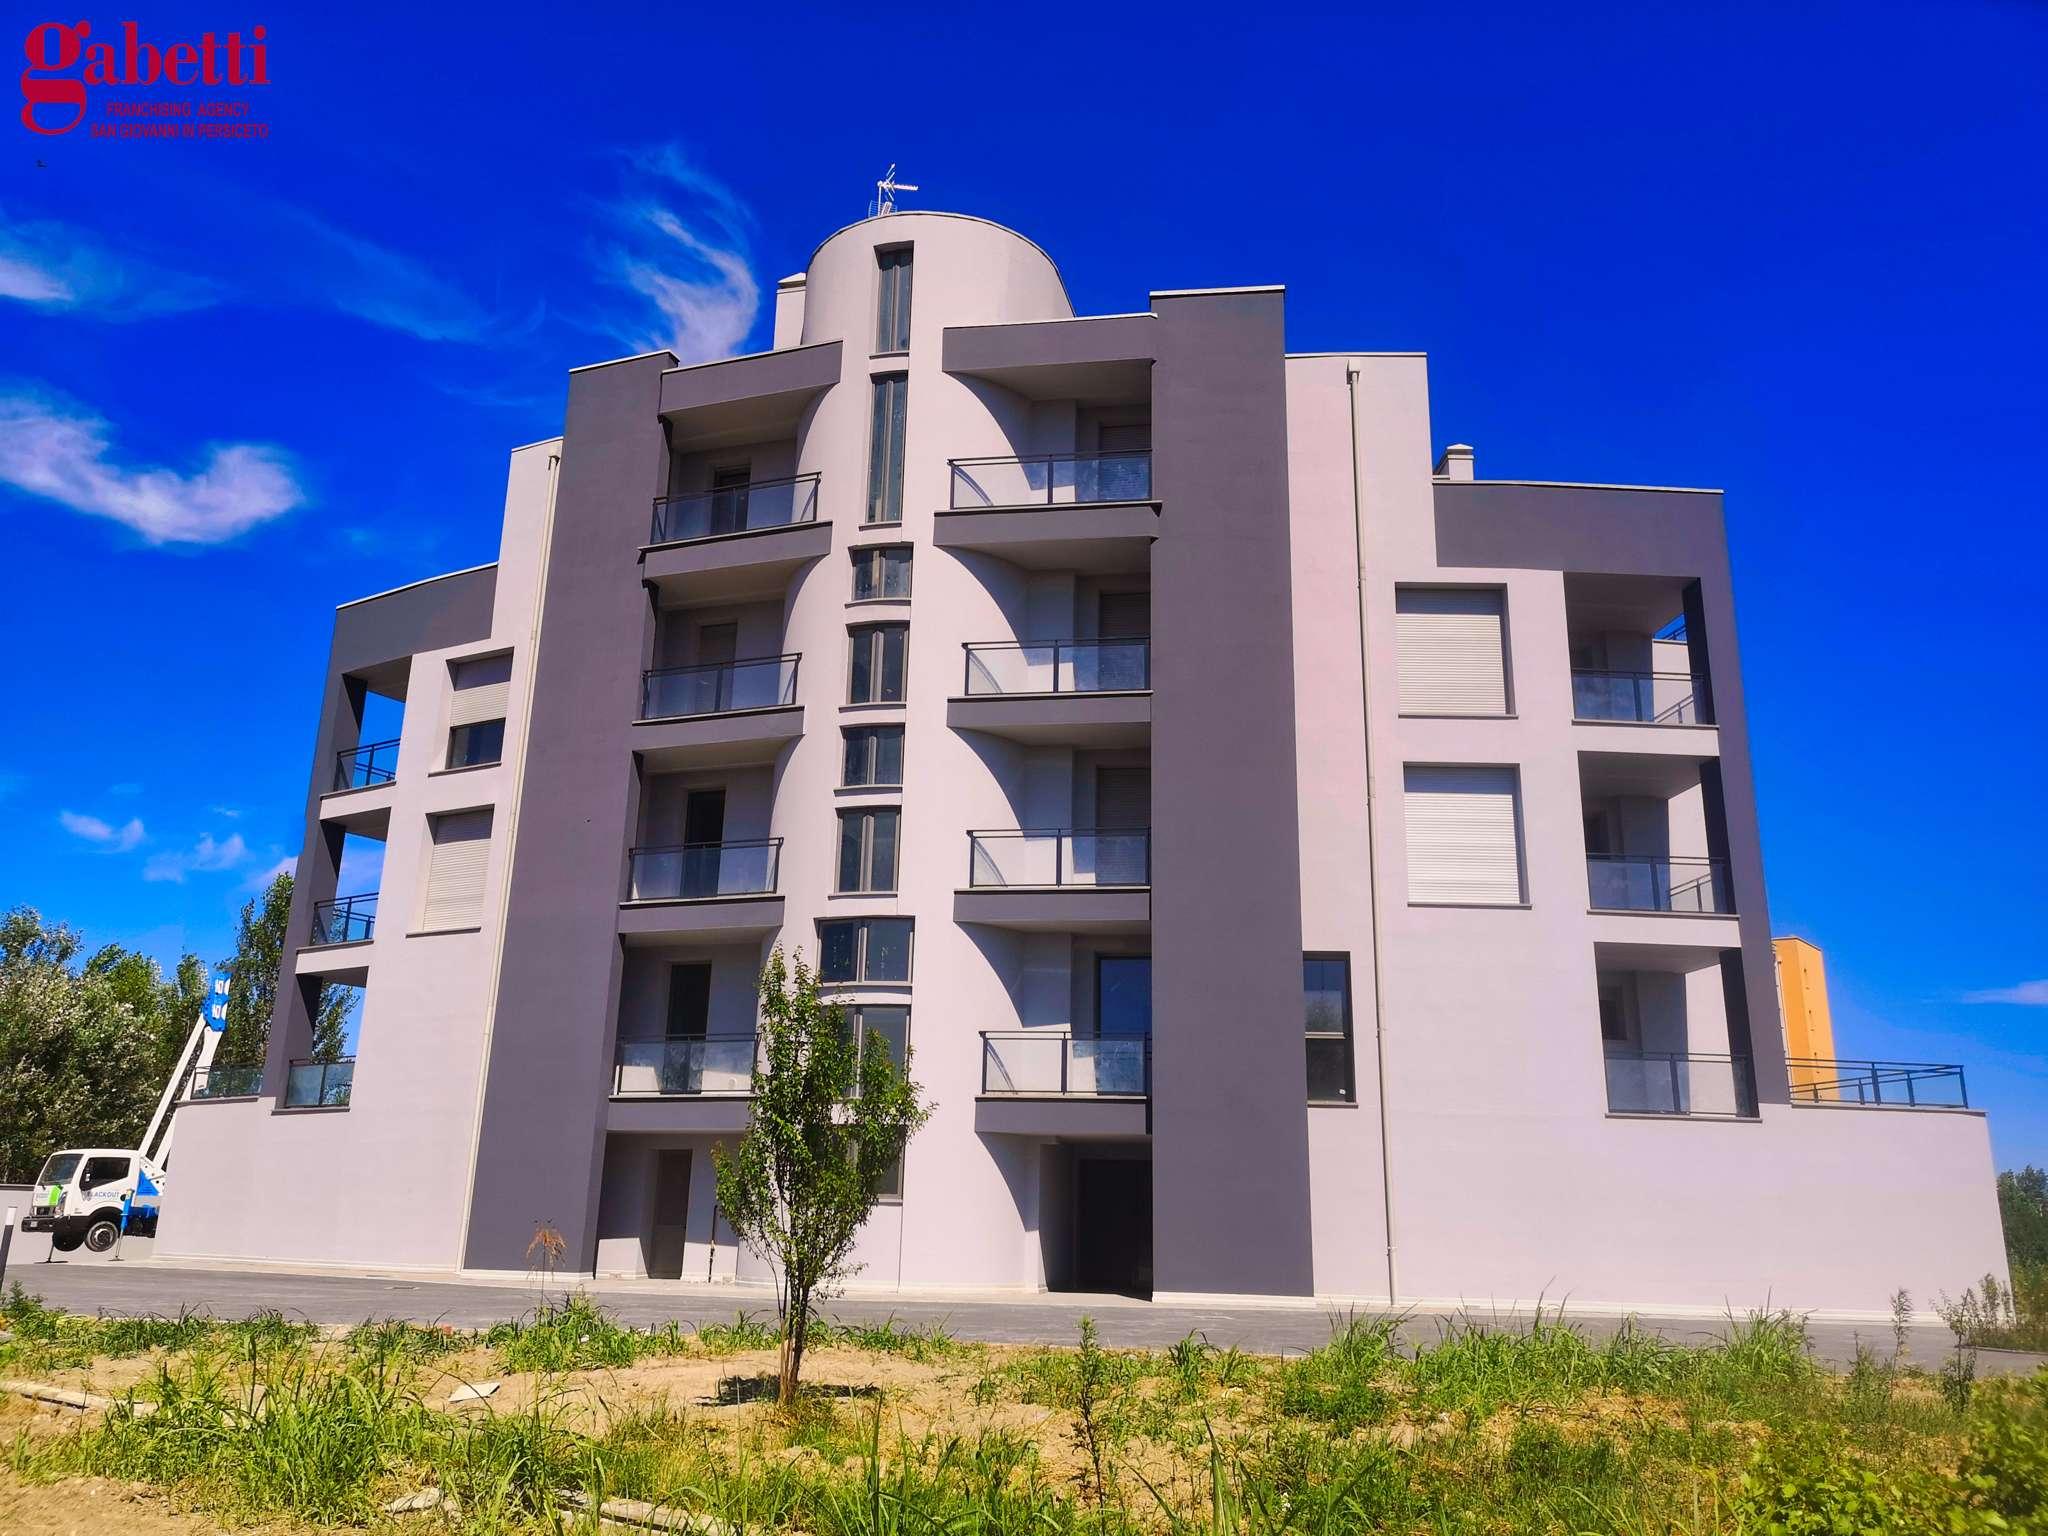 Appartamento in vendita a San Giovanni in Persiceto, 5 locali, prezzo € 235.000 | PortaleAgenzieImmobiliari.it